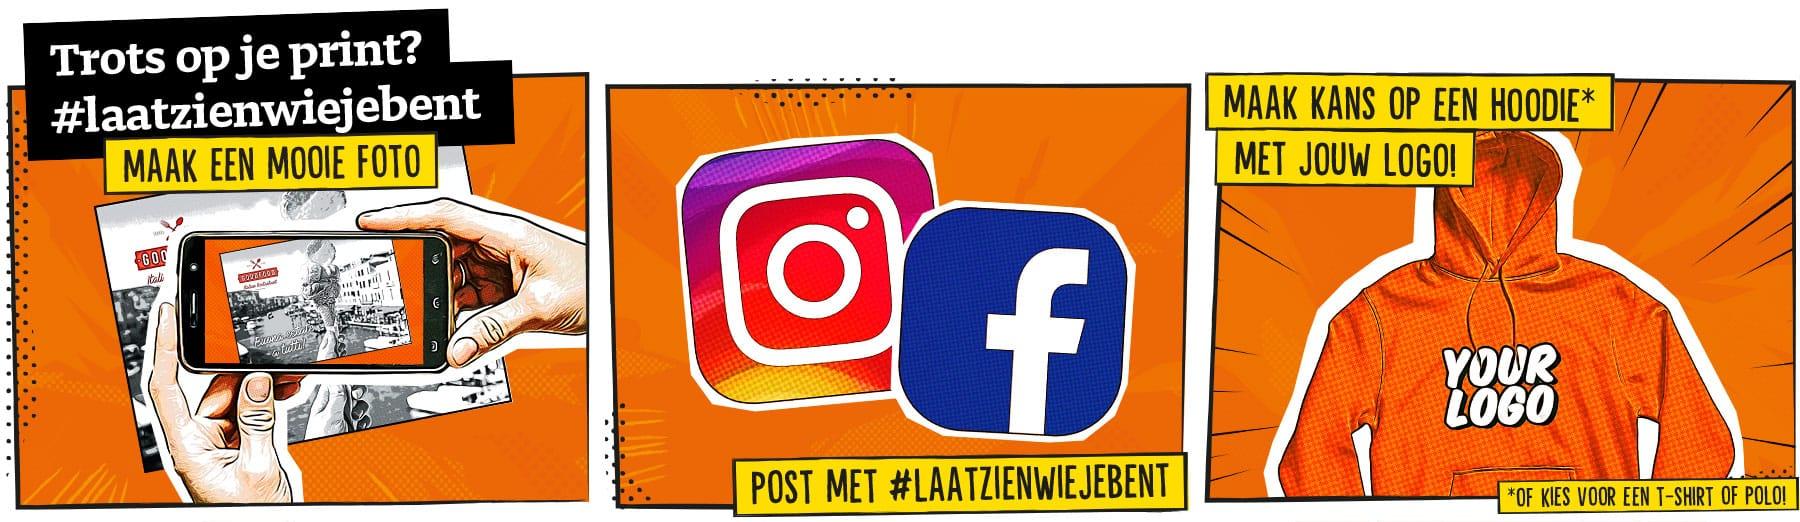 #laatzienwiejebent Design Challenge